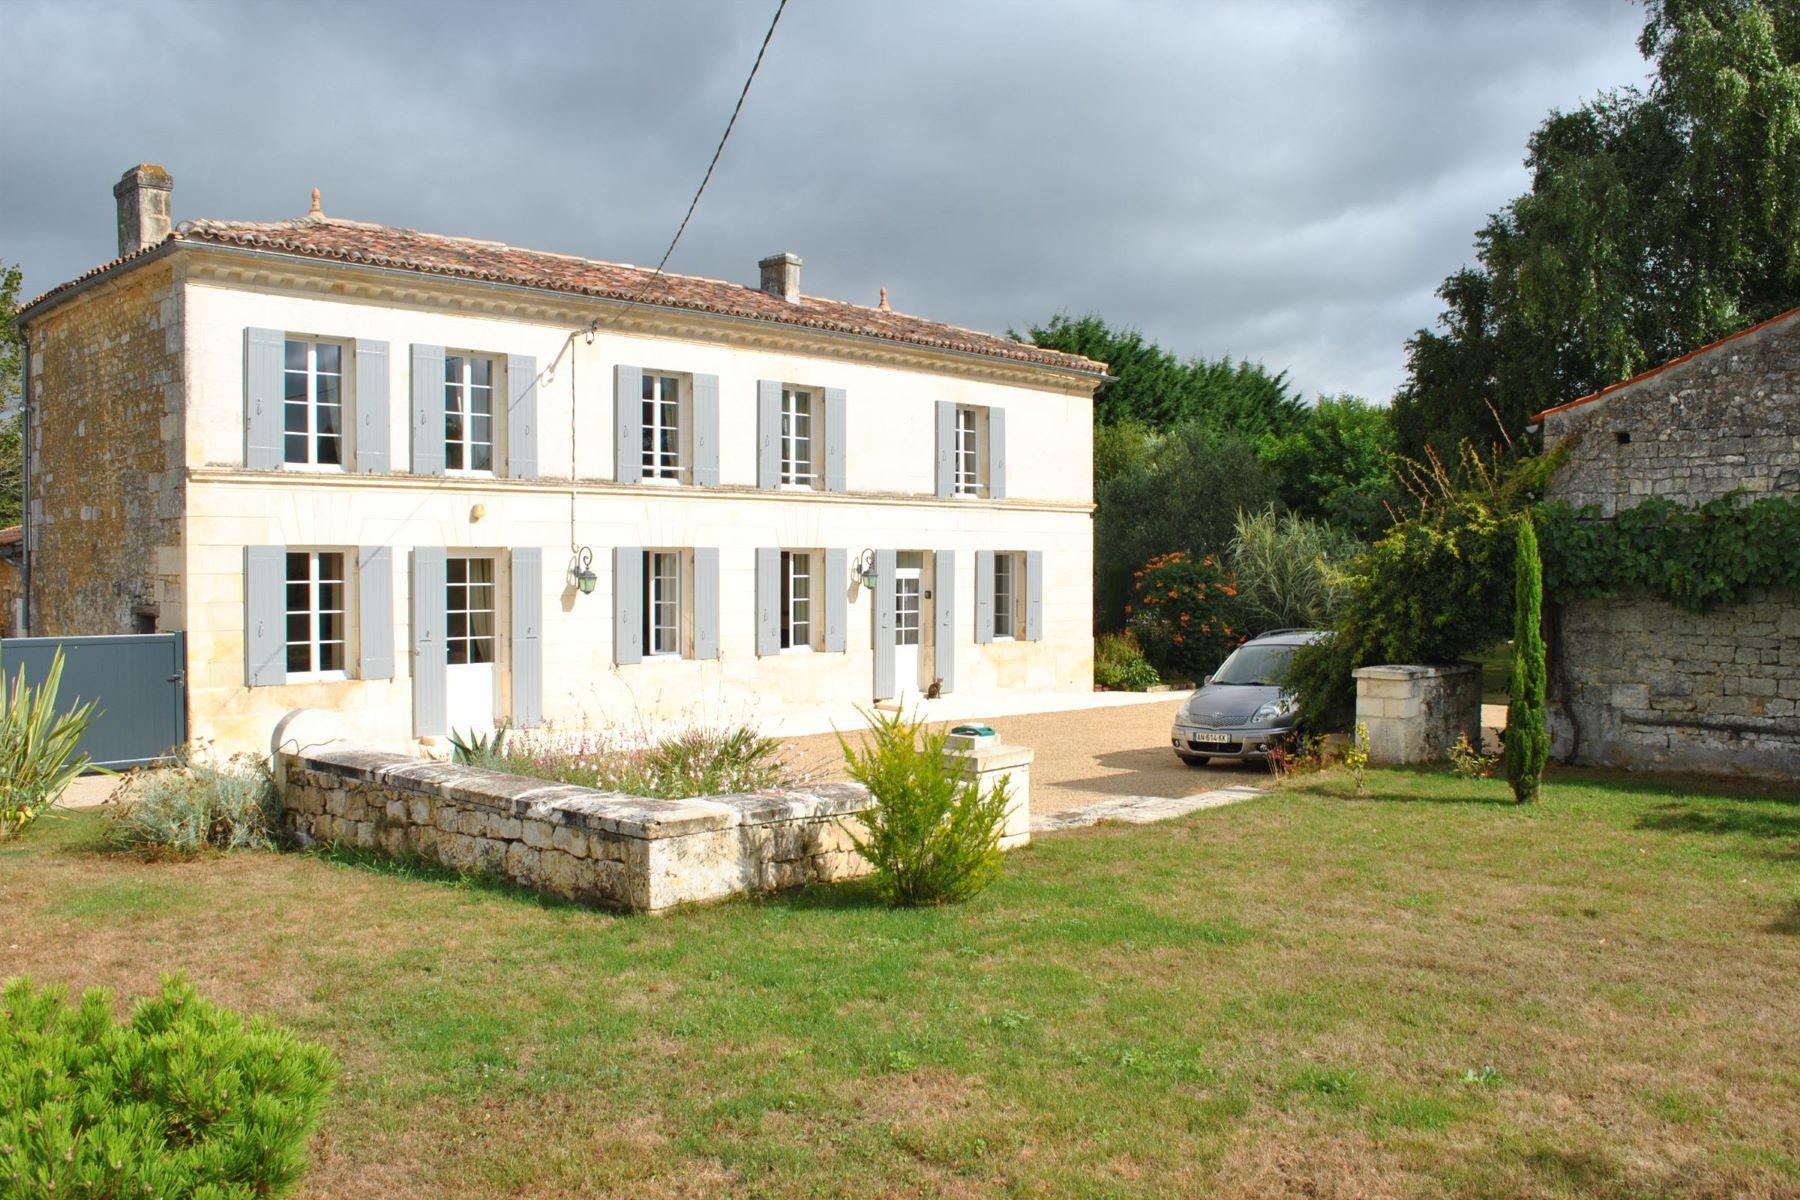 Maison unifamiliale pour l à vendre à Charentaise stone house with pool Tesson, Poitou-Charentes, 17460 France